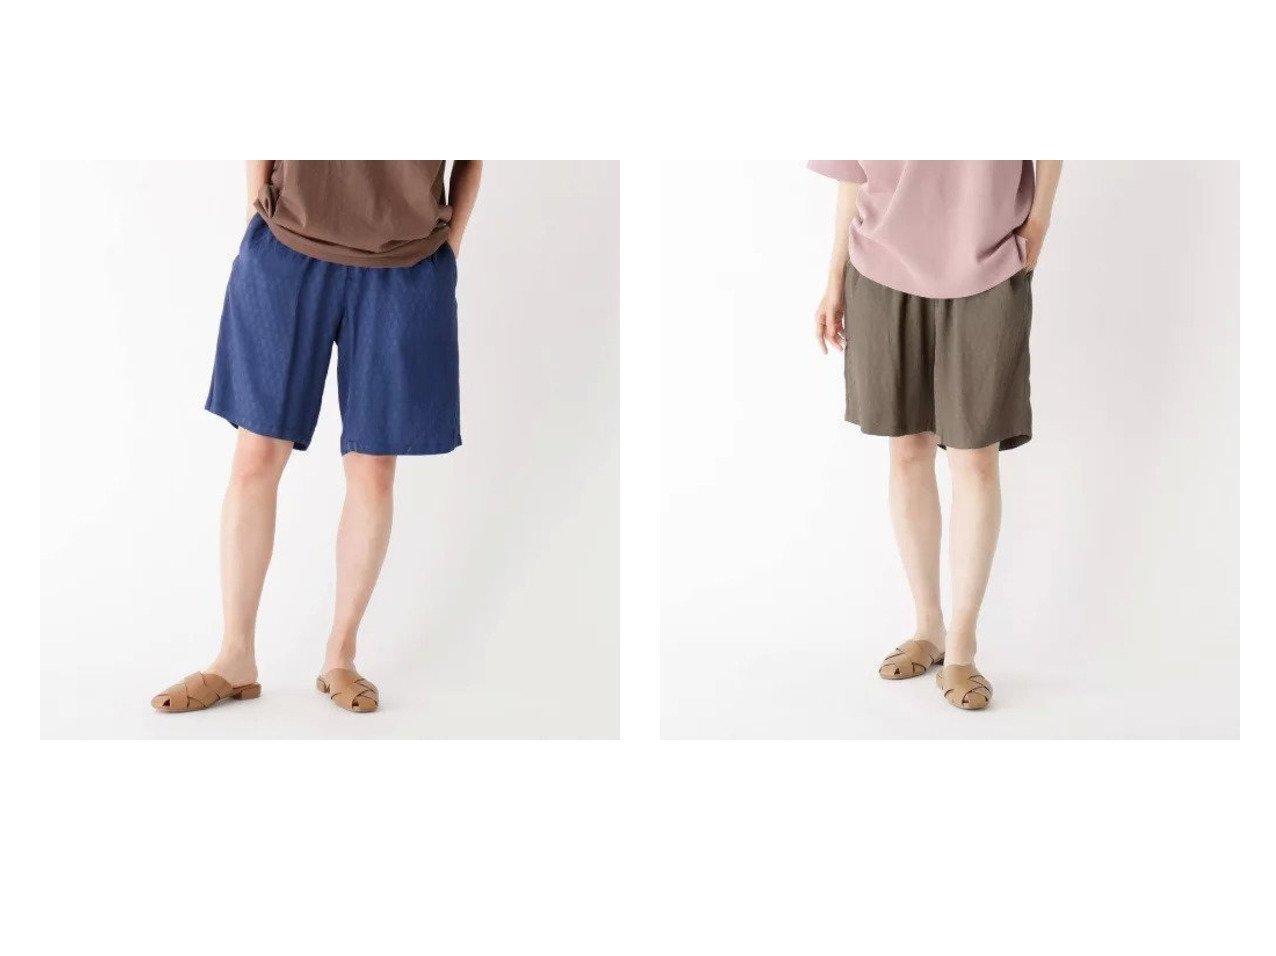 【OPAQUE.CLIP/オペークドットクリップ】のペイズリージャガードサテン イージーショートパンツ【UNISEX】 【プチプライス・低価格】おすすめ!人気トレンド・レディースファッション通販 おすすめで人気の流行・トレンド、ファッションの通販商品 インテリア・家具・メンズファッション・キッズファッション・レディースファッション・服の通販 founy(ファニー) https://founy.com/ ファッション Fashion レディースファッション WOMEN パンツ Pants ハーフ / ショートパンツ Short Pants ショート スタンダード セットアップ ドット ハーフ ペイズリー ポケット UNISEX リラックス |ID:crp329100000047361